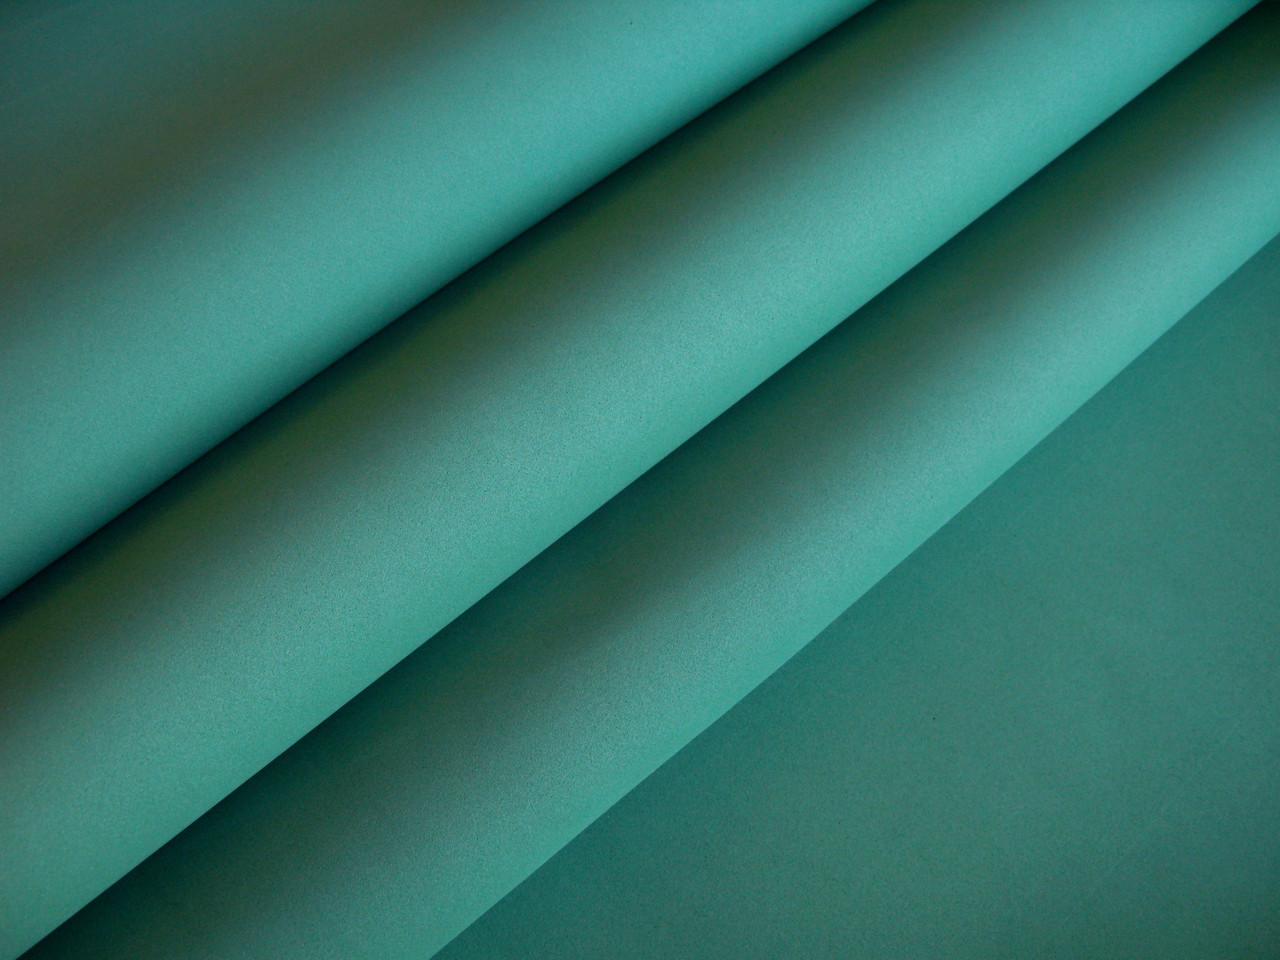 Фоамиран морской зеленый, 60x35 см, 0,8-1,2мм., Иран